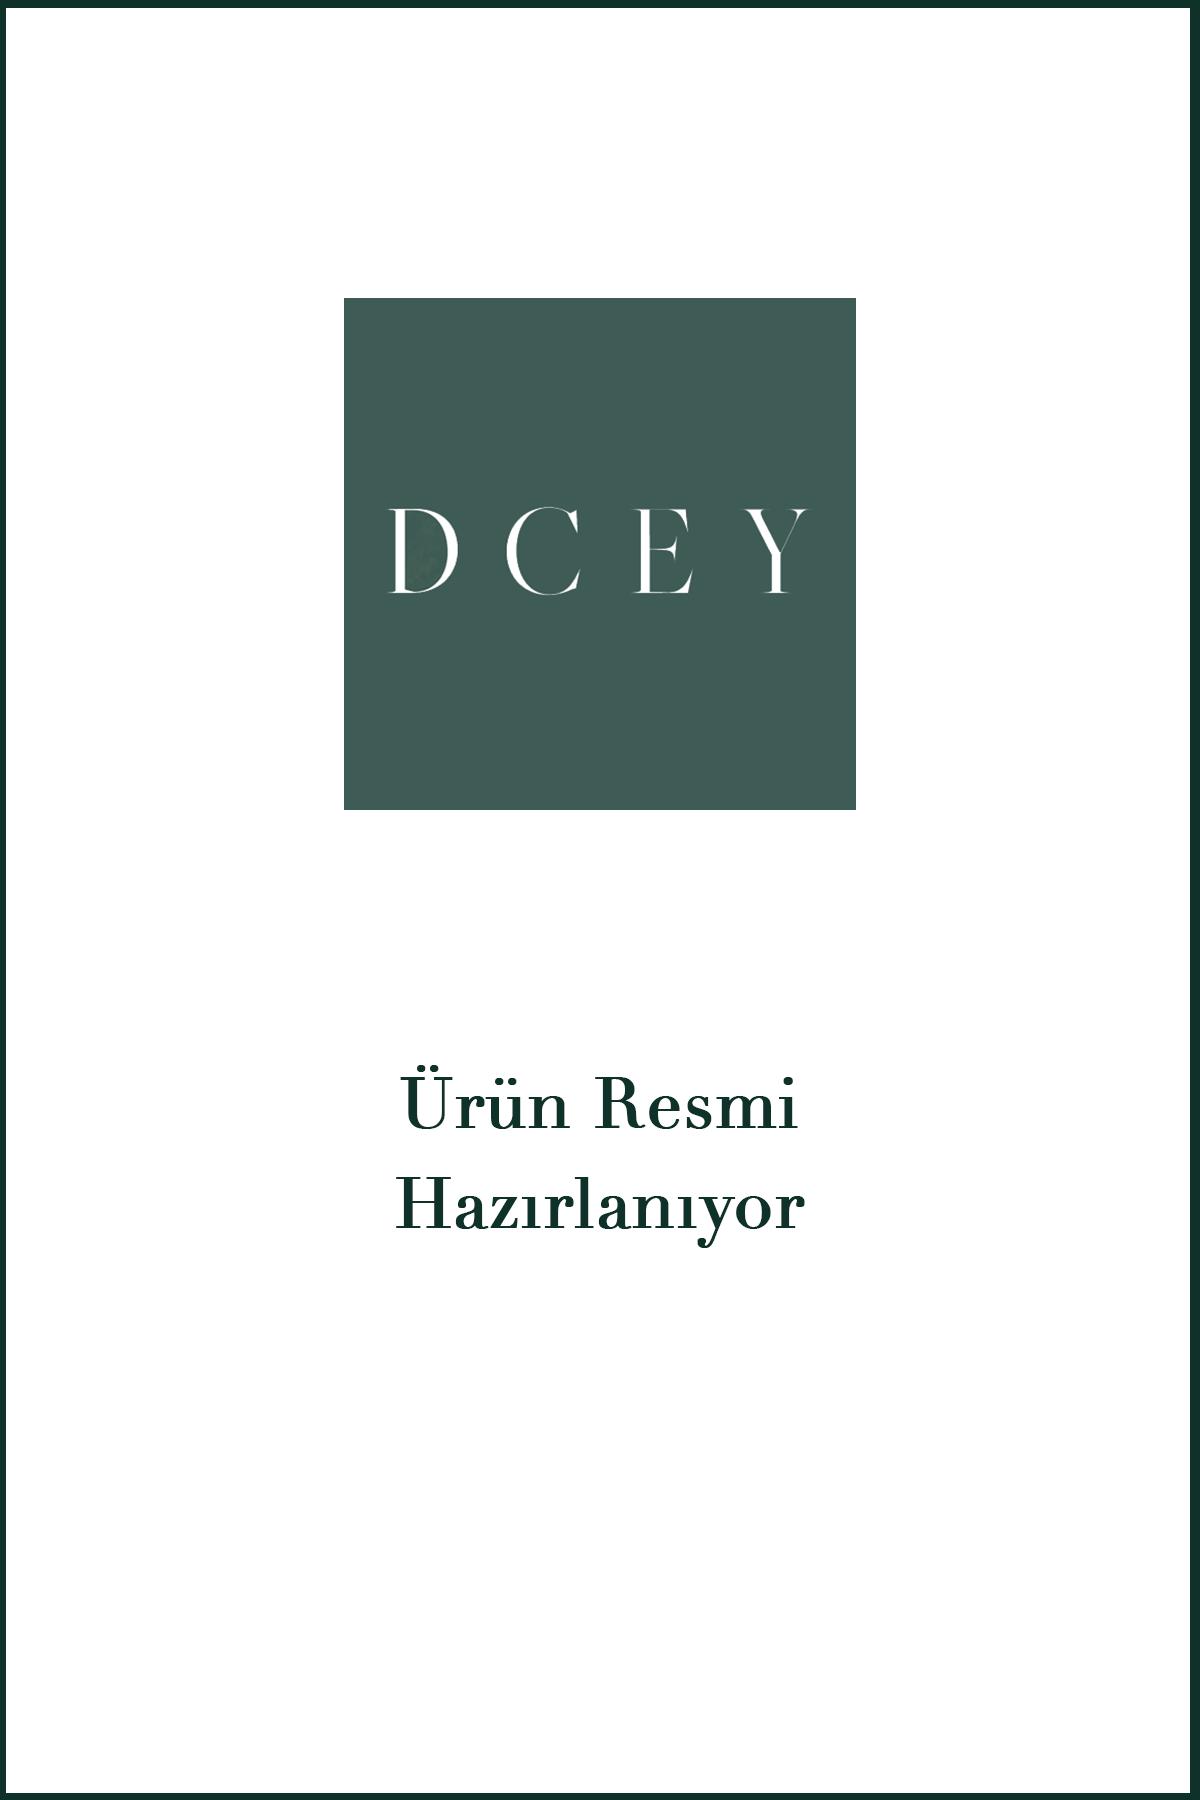 Dalma Bronz Elbise